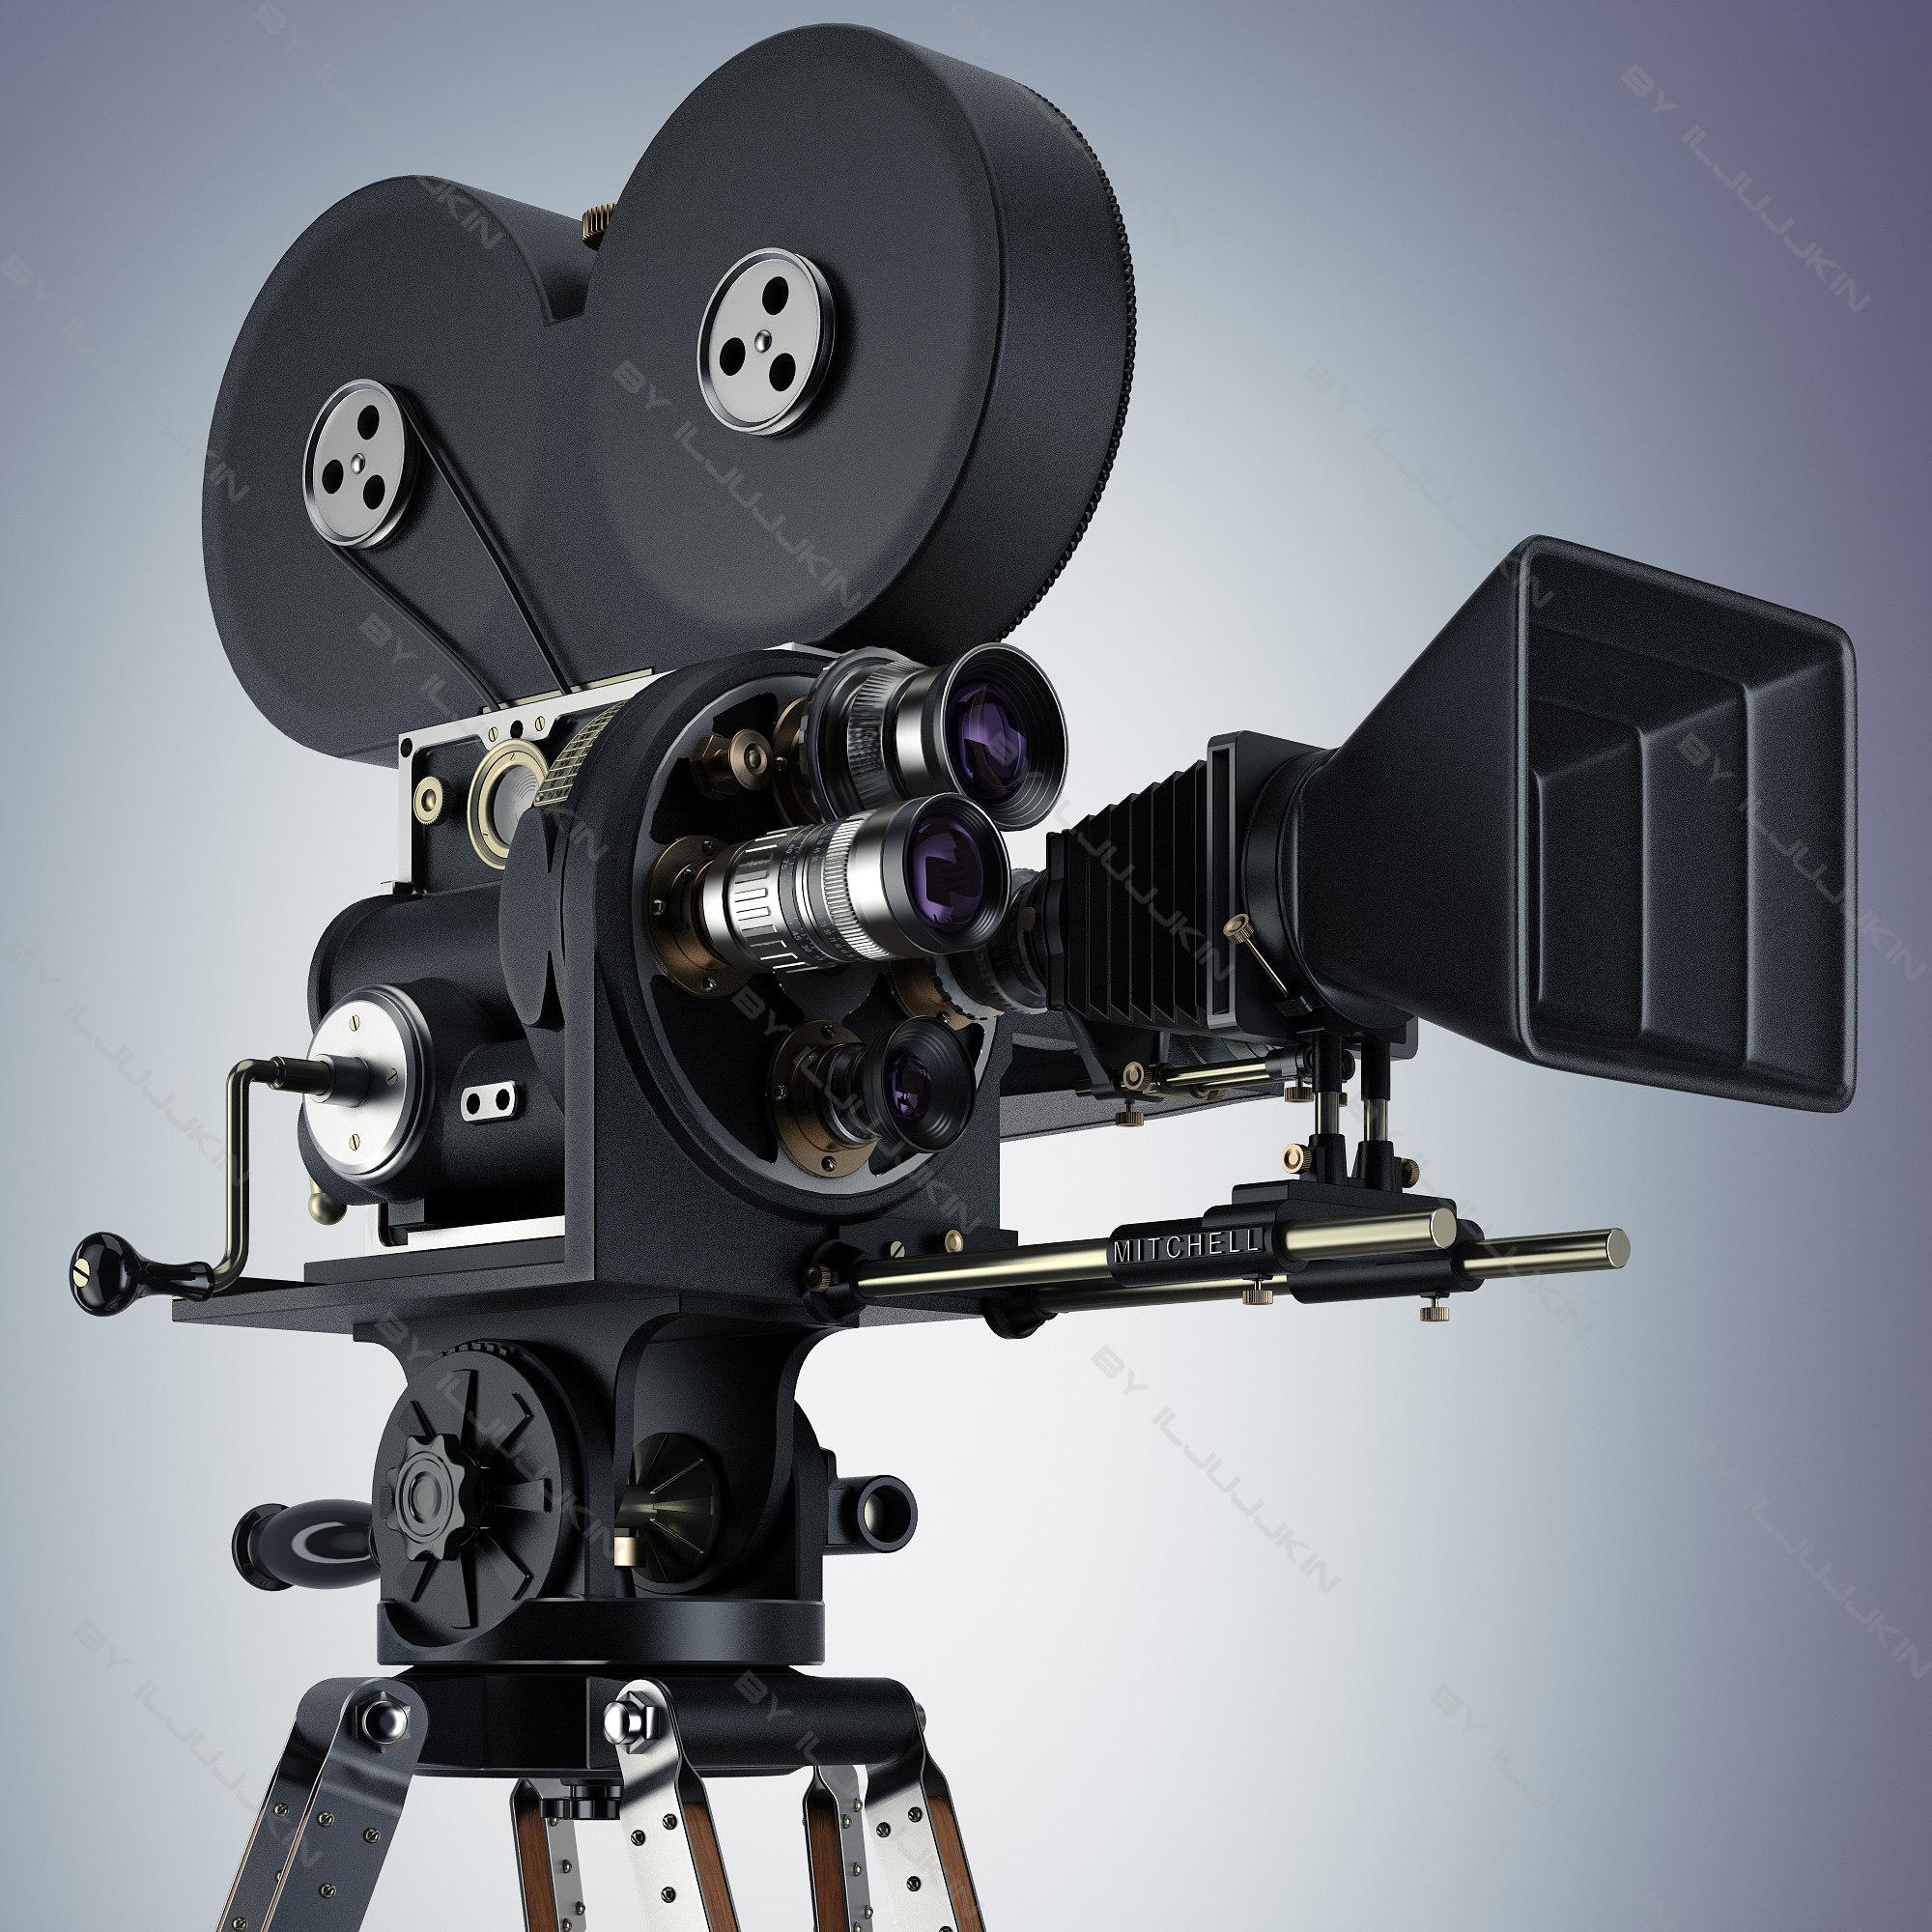 Retro_Camera_Movie_01.jpg